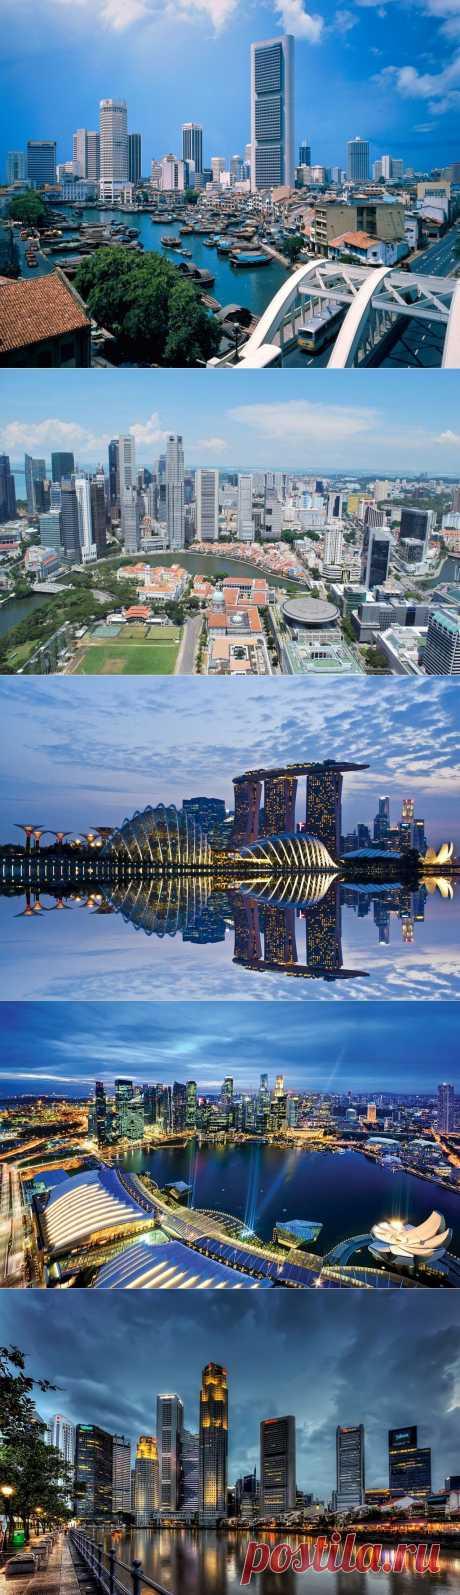 Сингапур – город технического прогресса | Newpix.ru - позитивный интернет-журнал